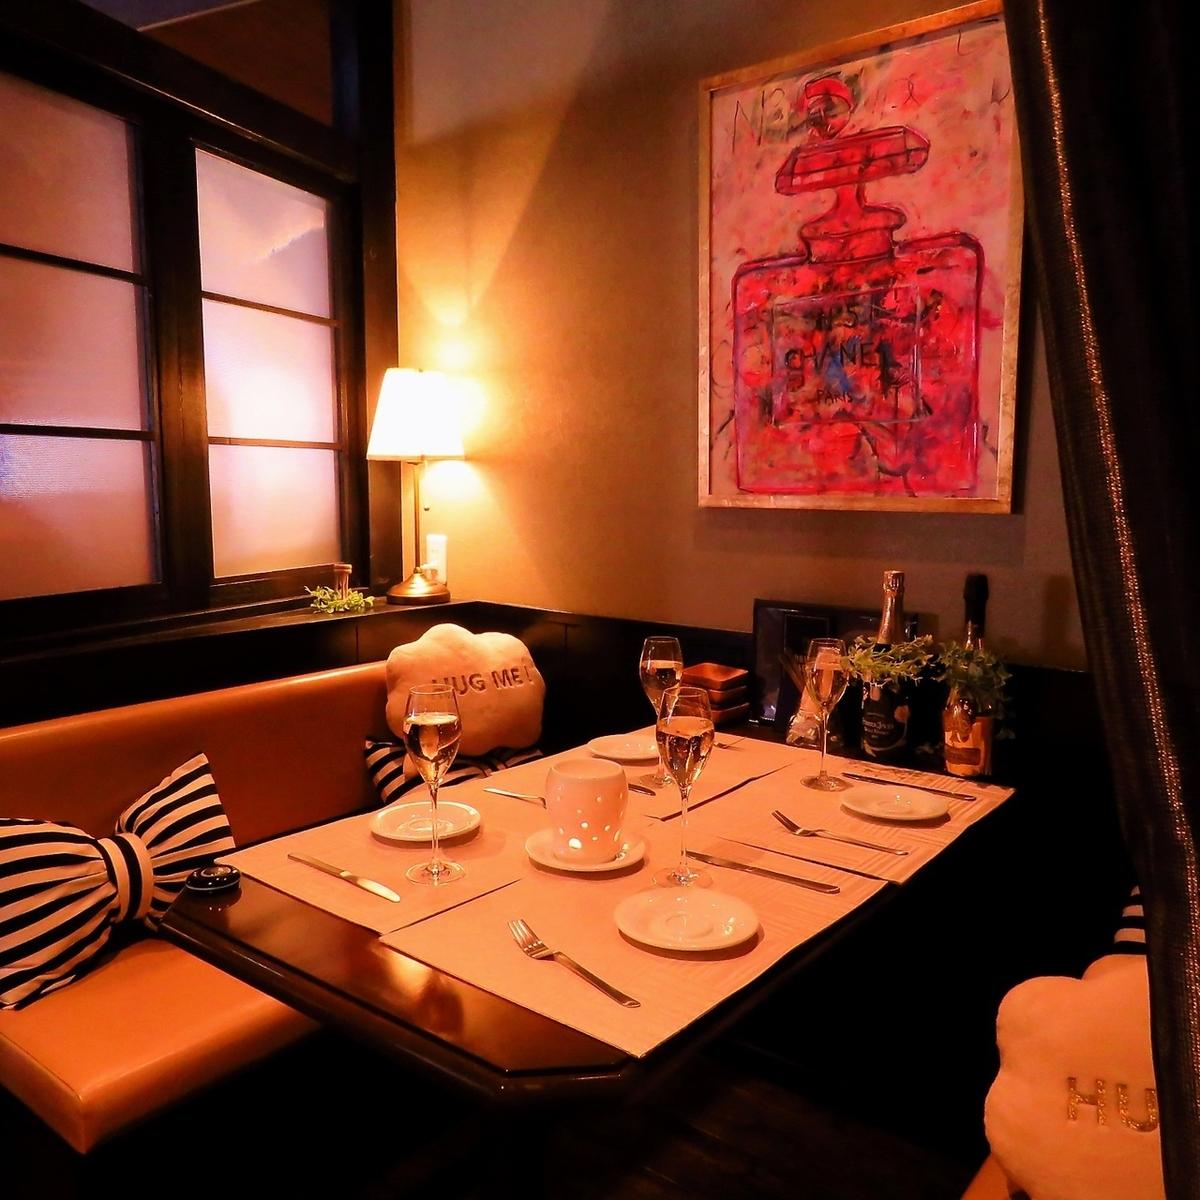 最多可容納4人!非常適合女孩派對或生日派對☆請在時尚的私人房間內精心挑選年邁的肉類和肉類壽司!